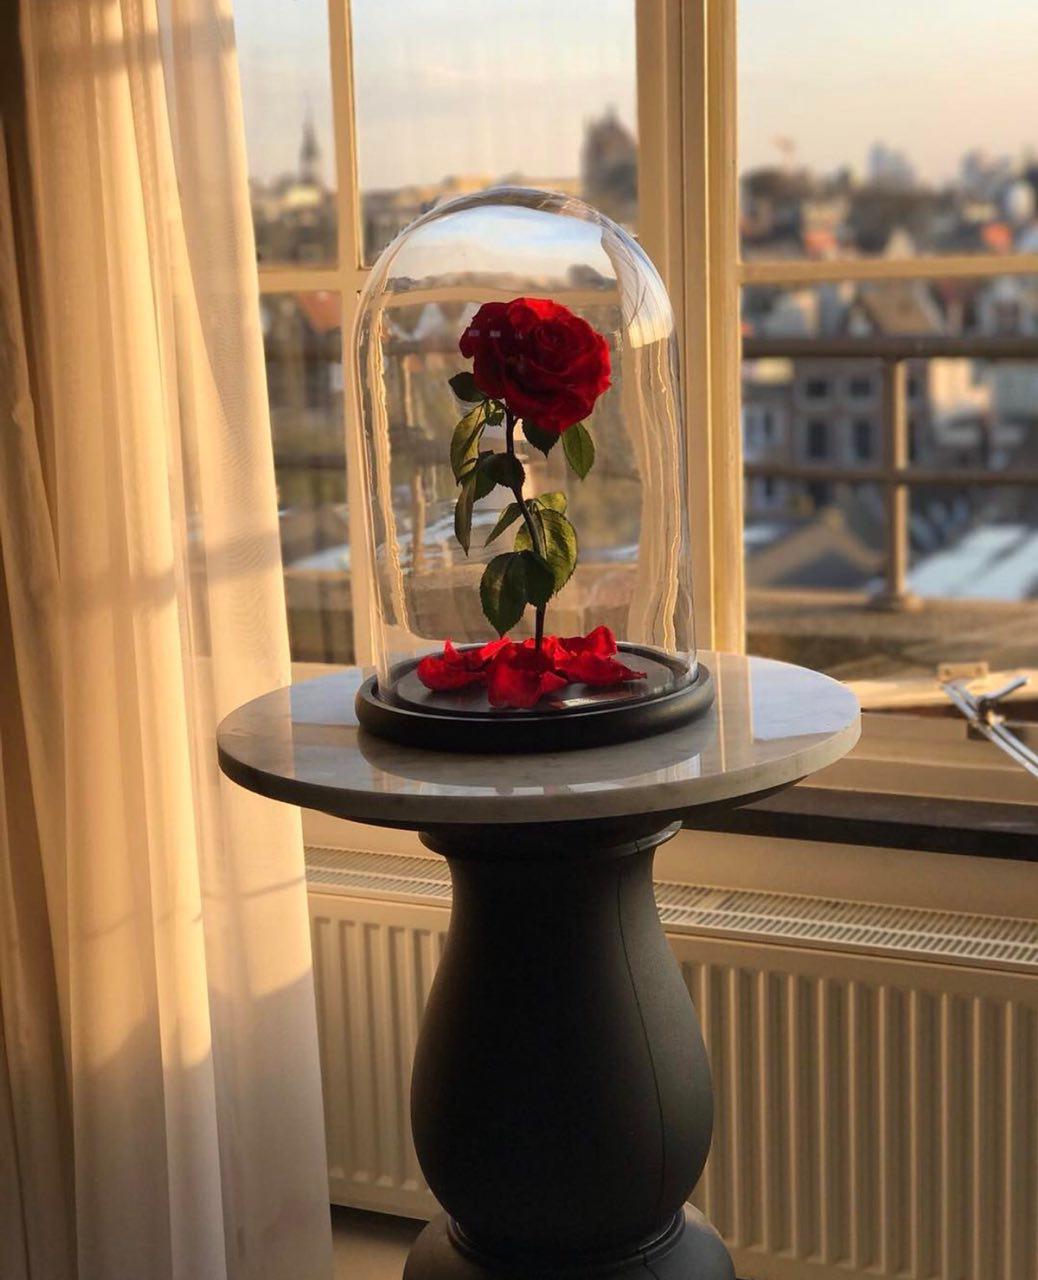 گل رز دیو و دلبر جاودان با ساقه و برگ ماندگار و ابدی